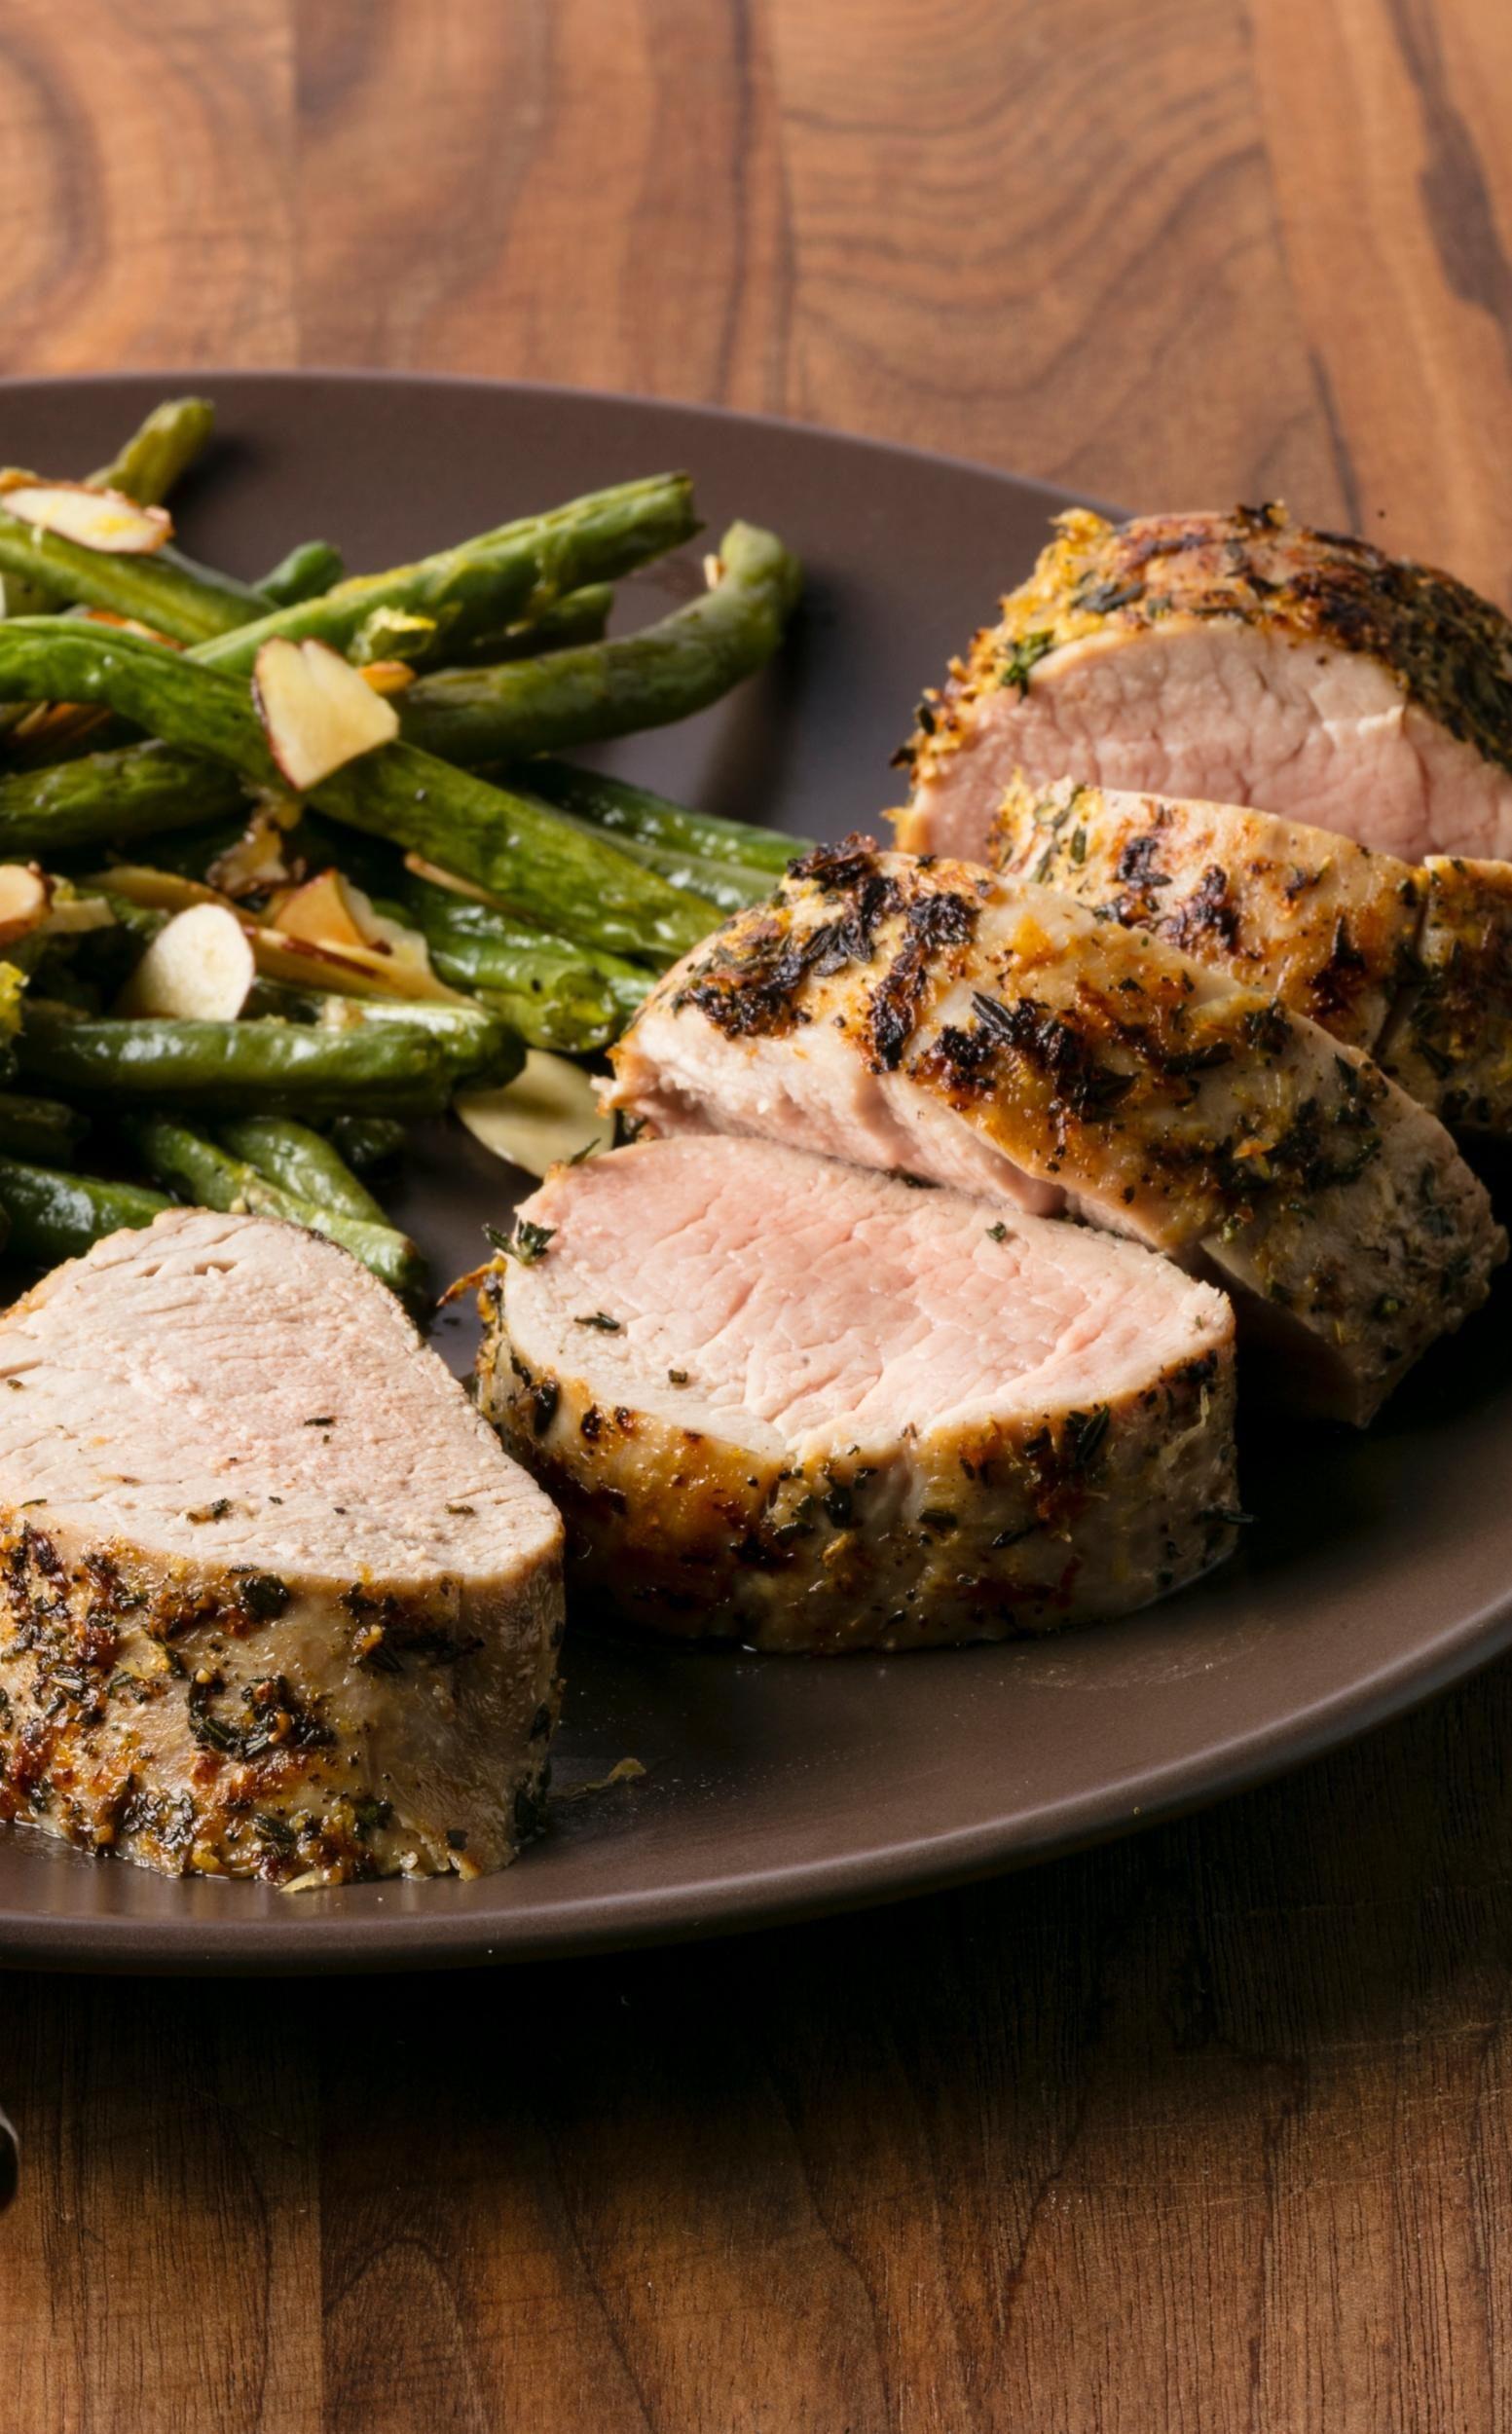 Lemon-Herb Pork Tenderloin: Our Lemon-Herb Pork Tenderloin